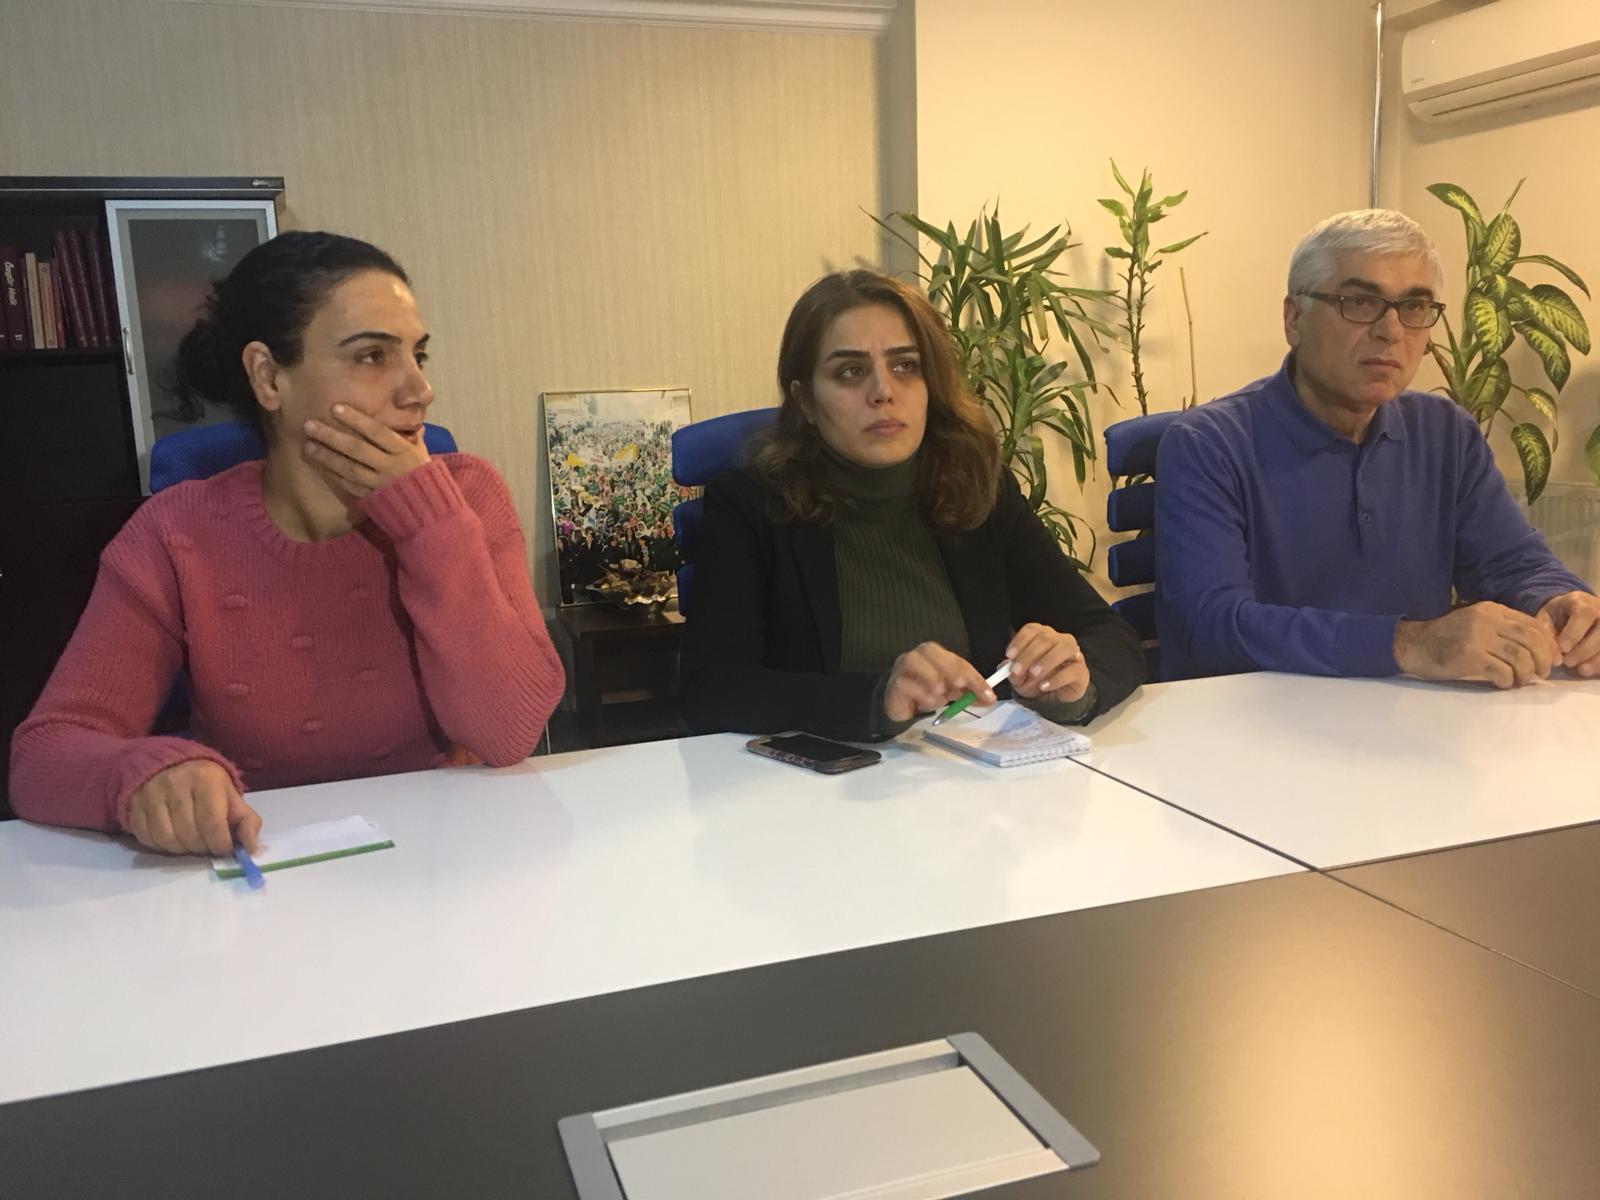 VİDEO- Açlık grevindeki Leyla Güven için çağrı